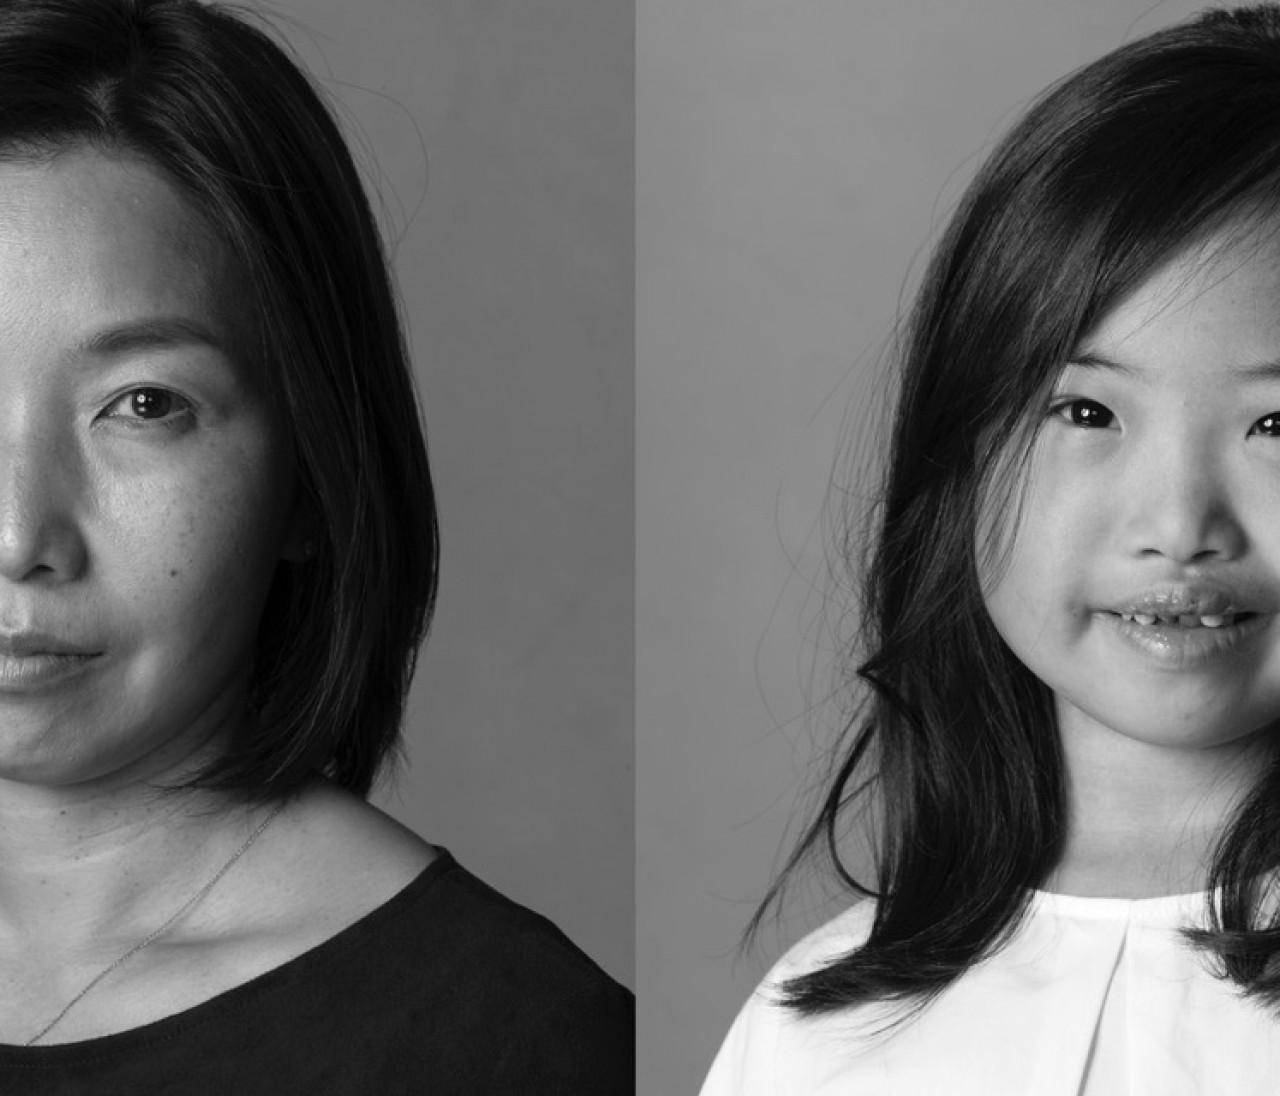 【母の日】ダウン症の子ども&ママを撮った写真展が表参道駅で開催